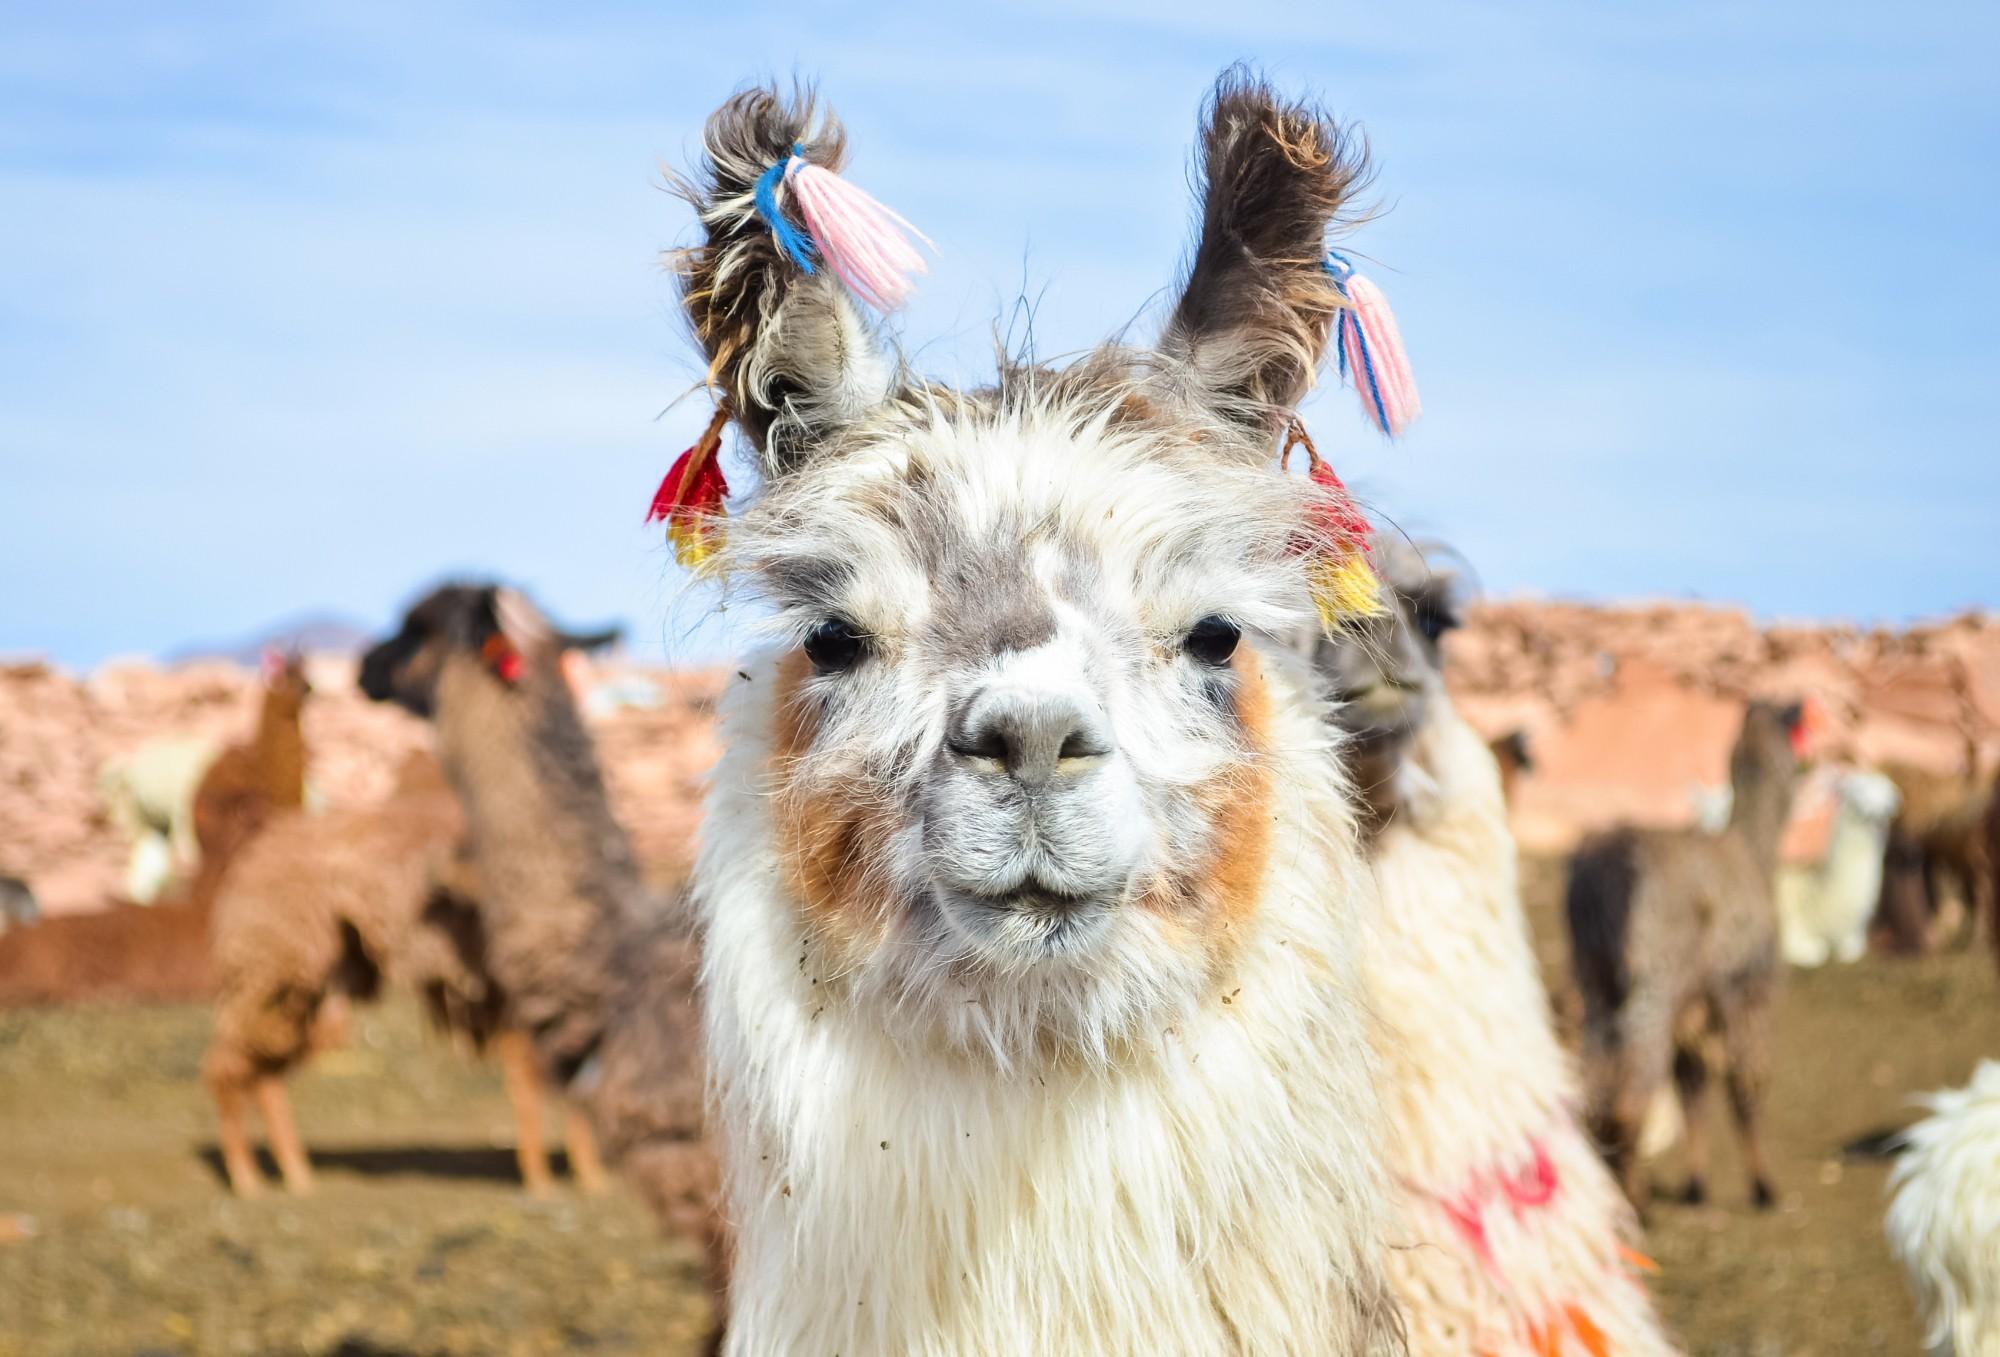 Улыбающаяся лама с плато Альтиплано в Боливии.